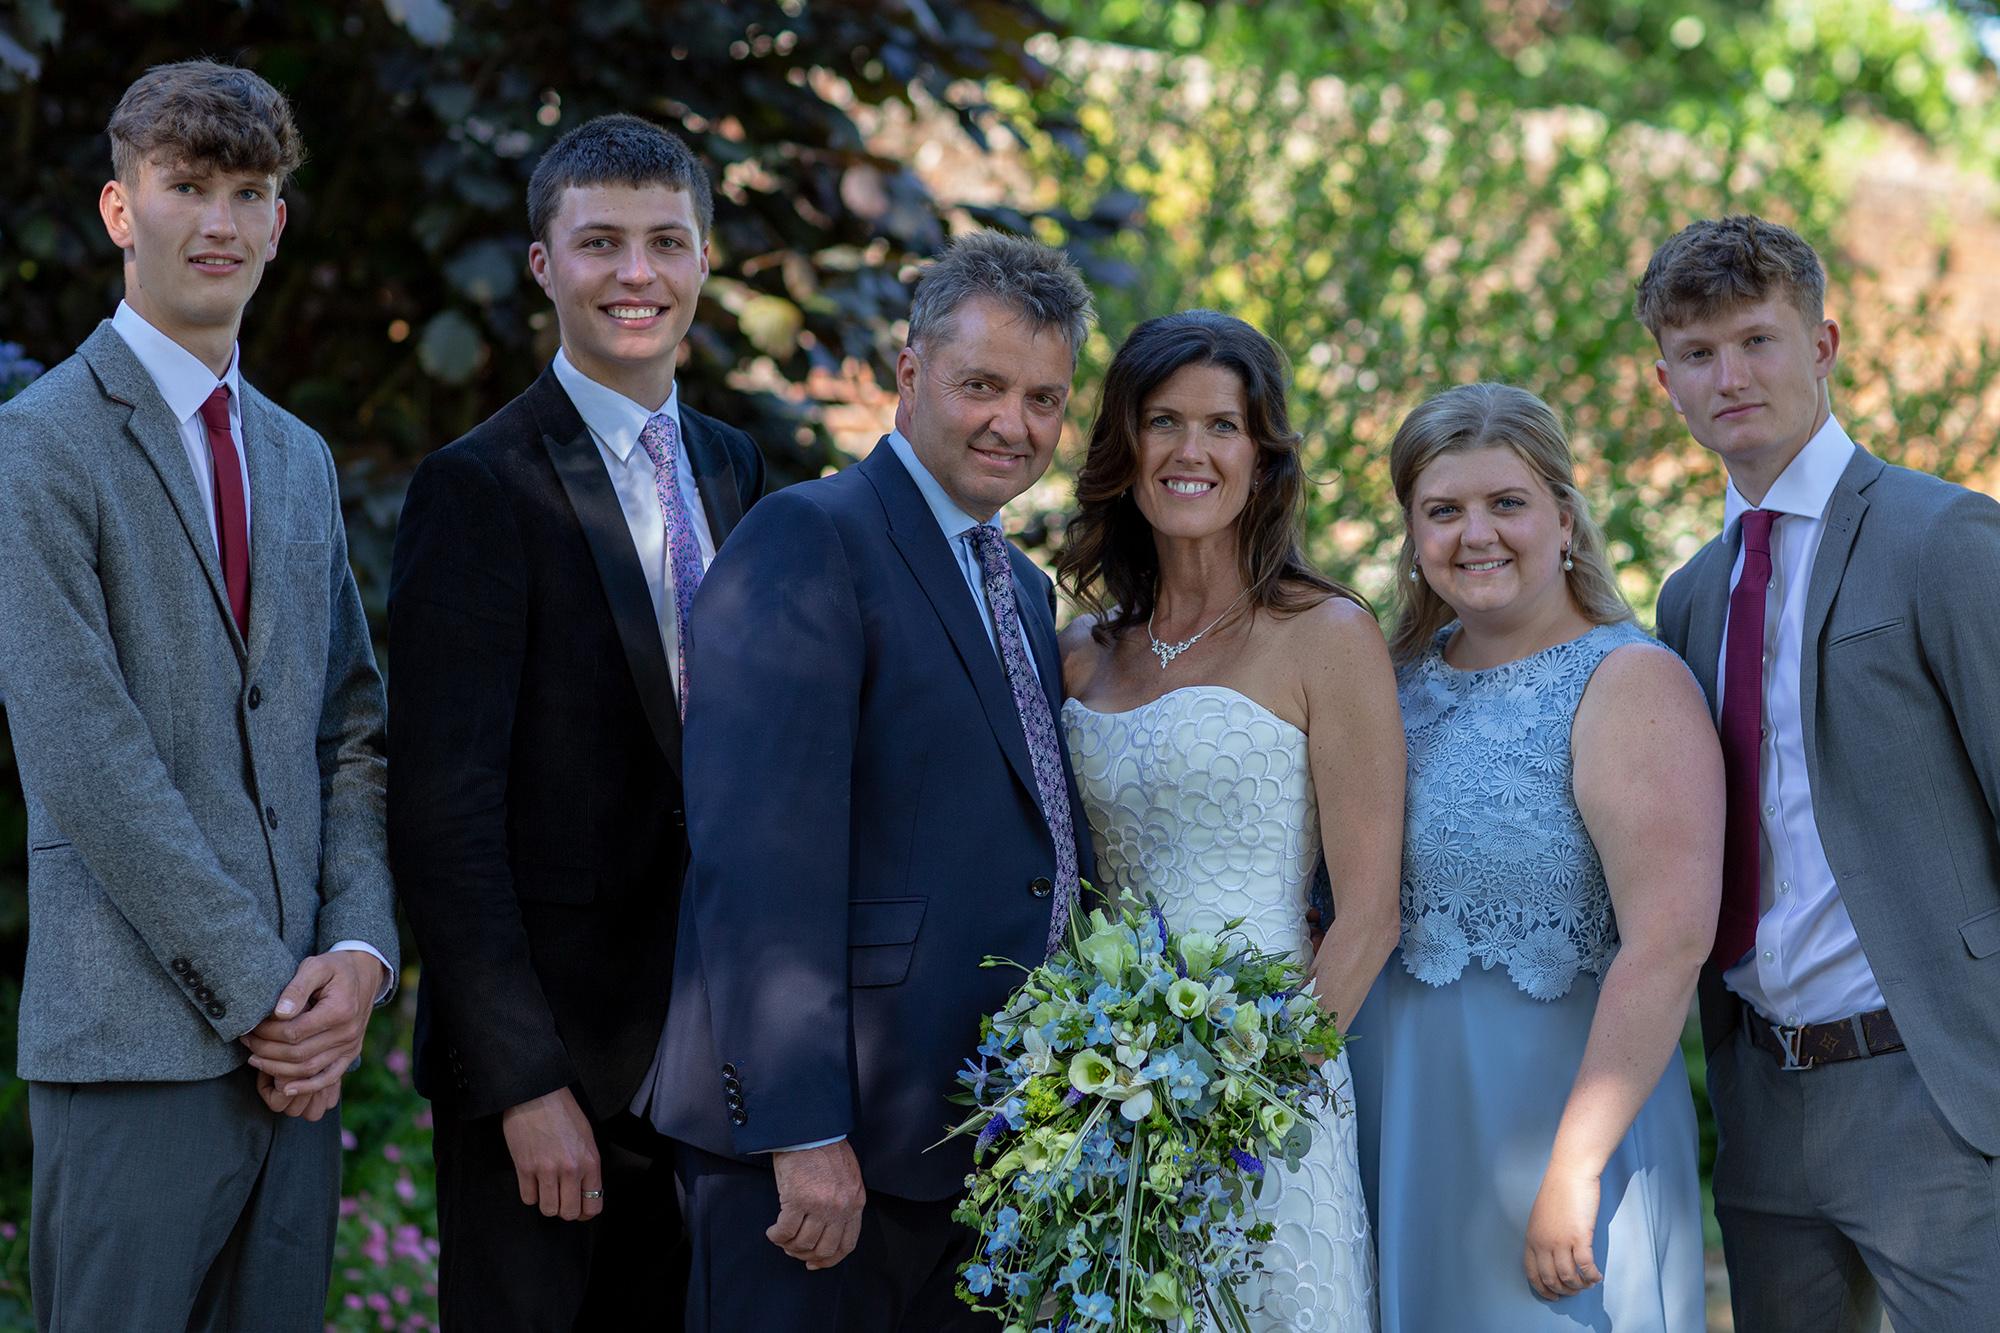 chichester_wedding_photographer_007.jpg